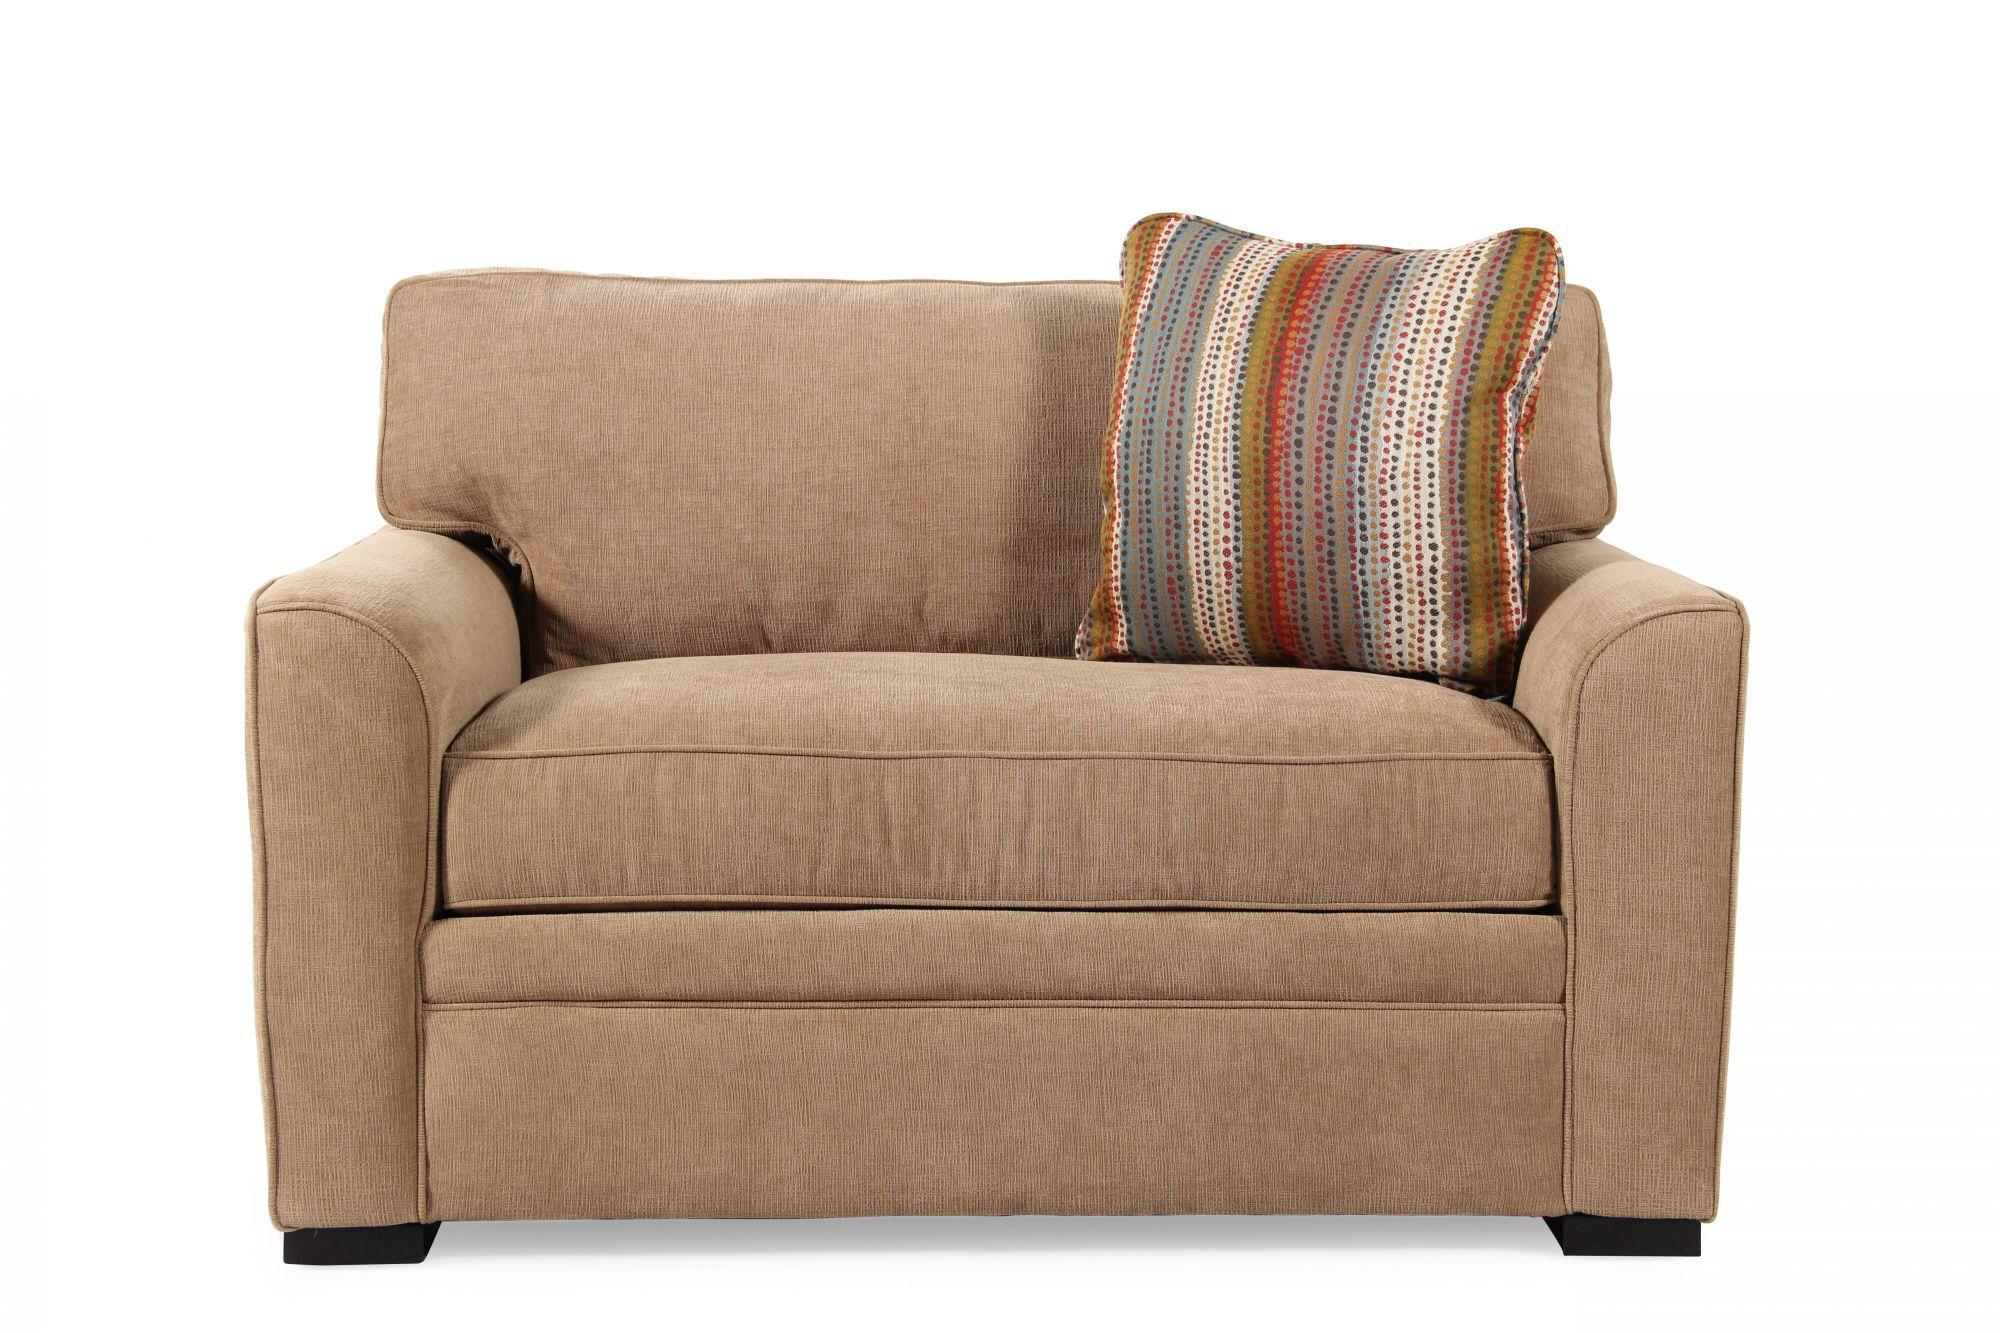 sh memory foam sleeper sofa mattress replacement bed queen jonathan louis blissful brown full